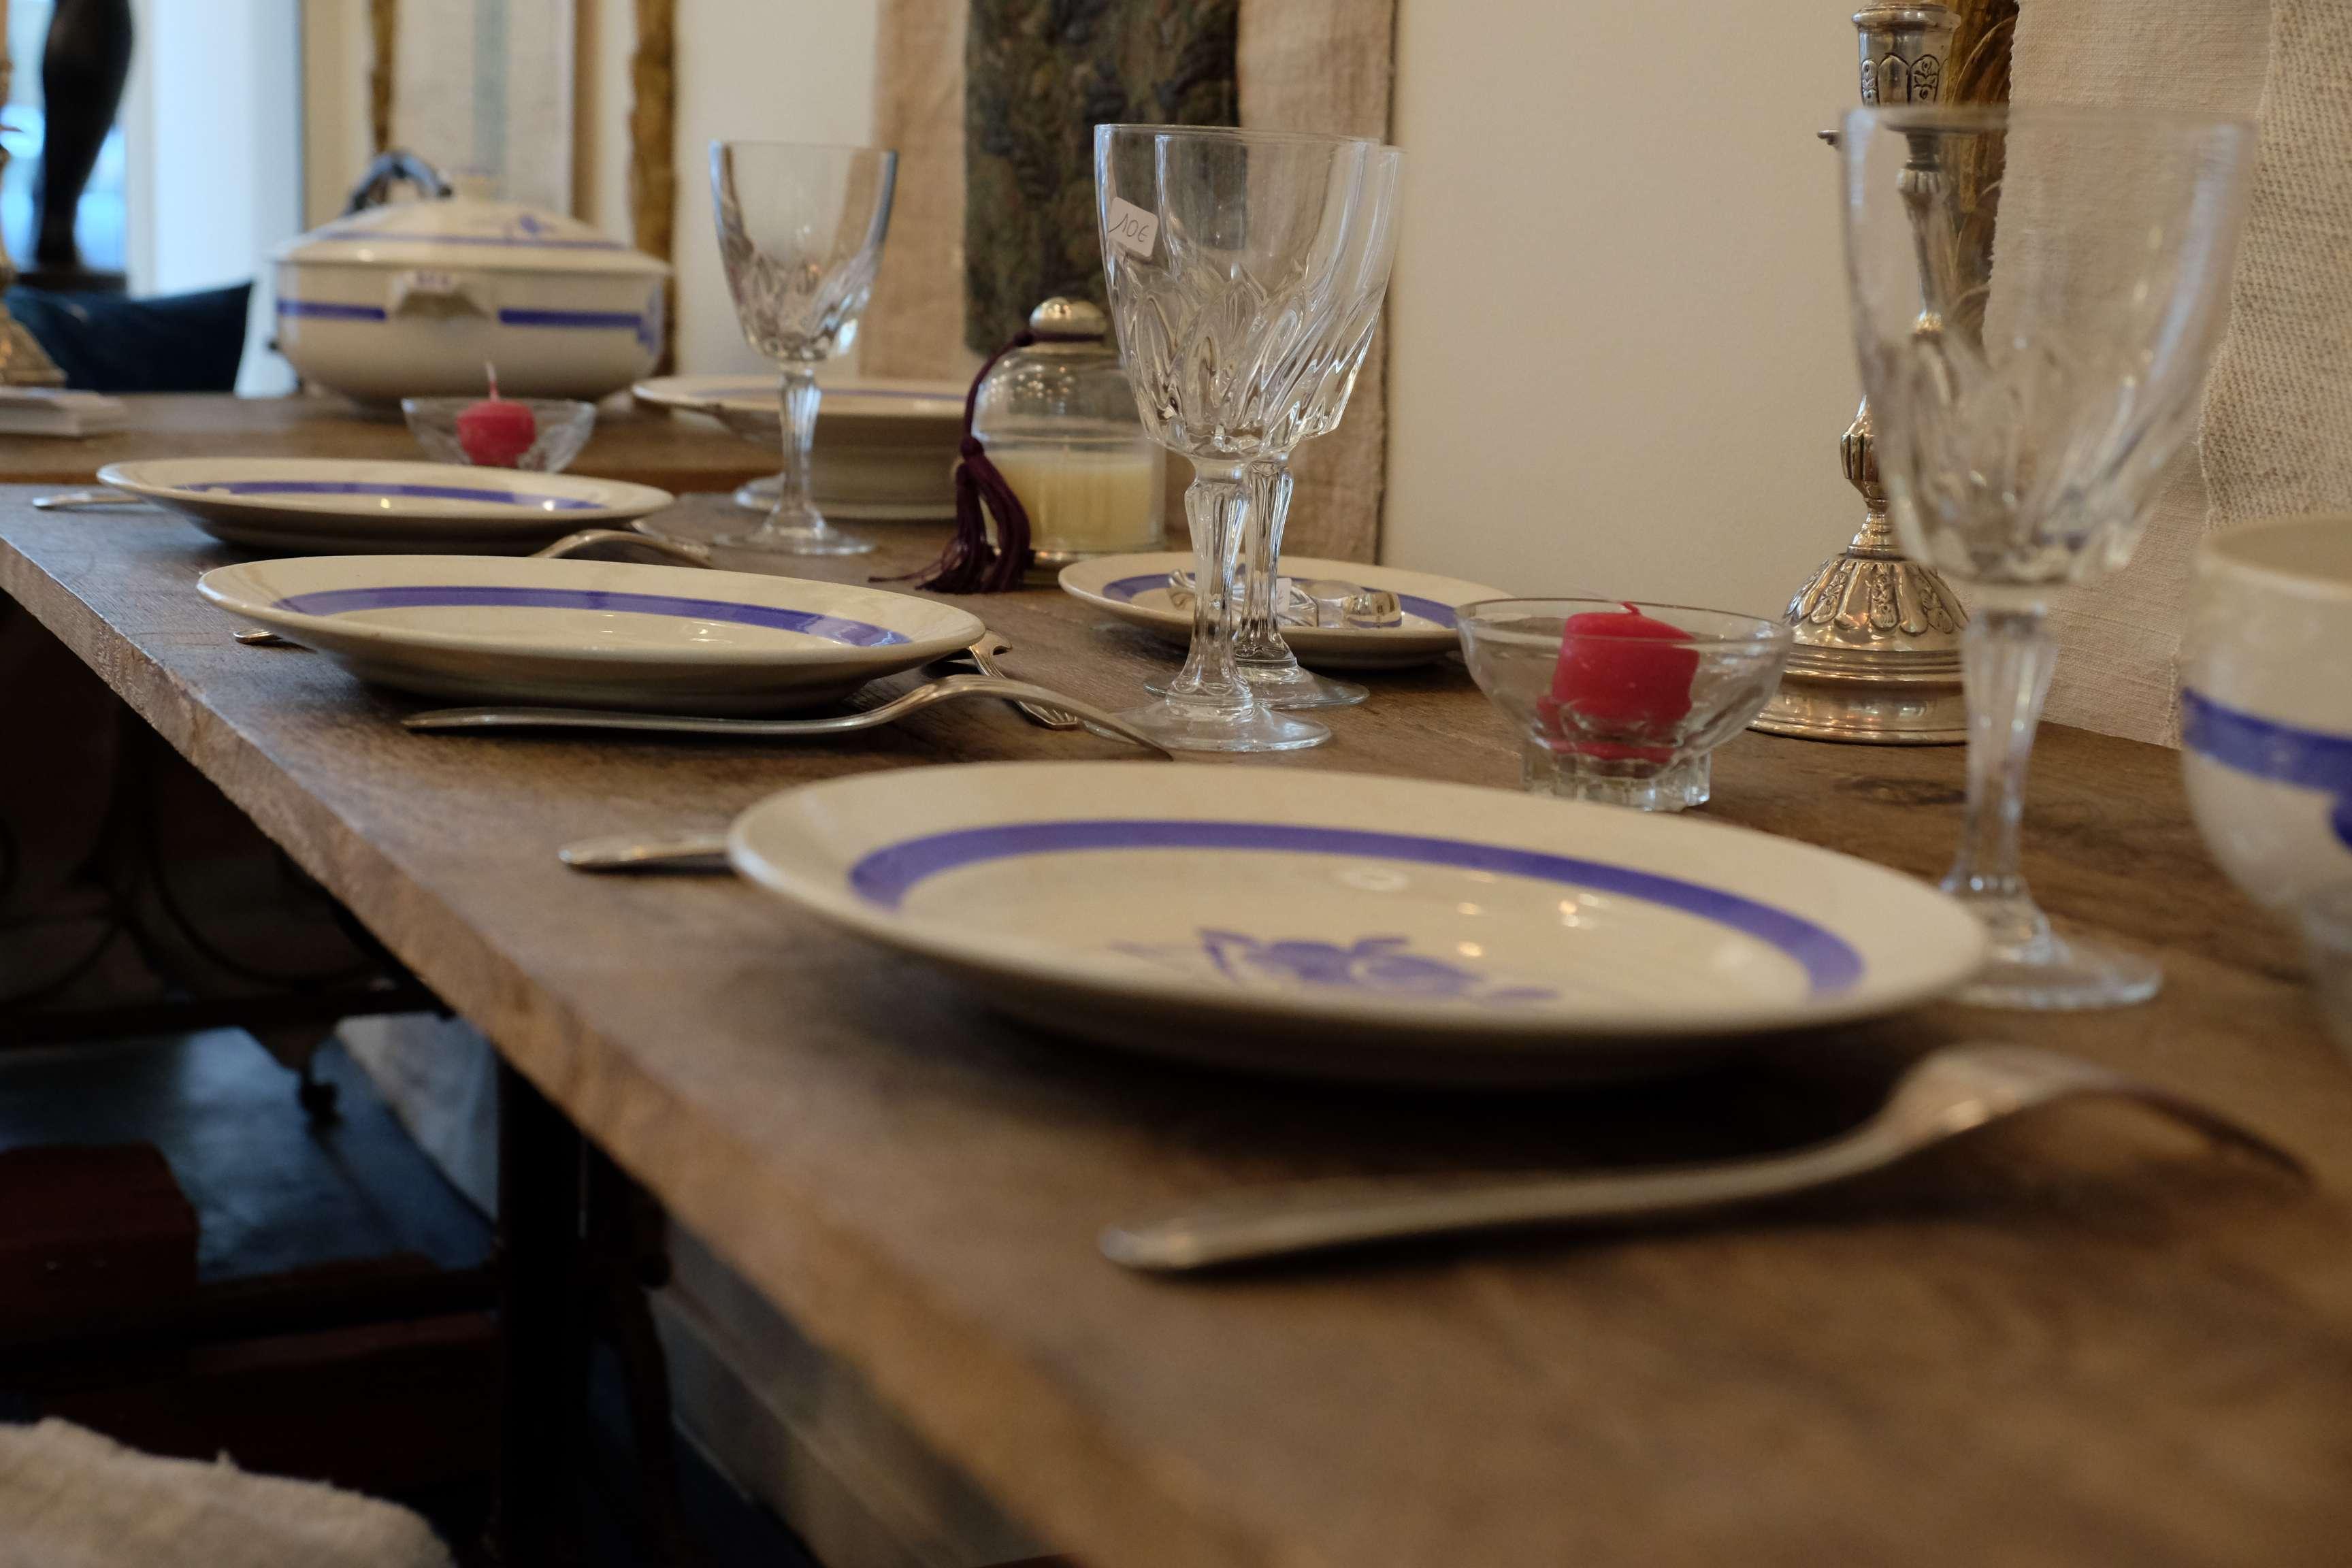 table en bois et vaisselle vintage